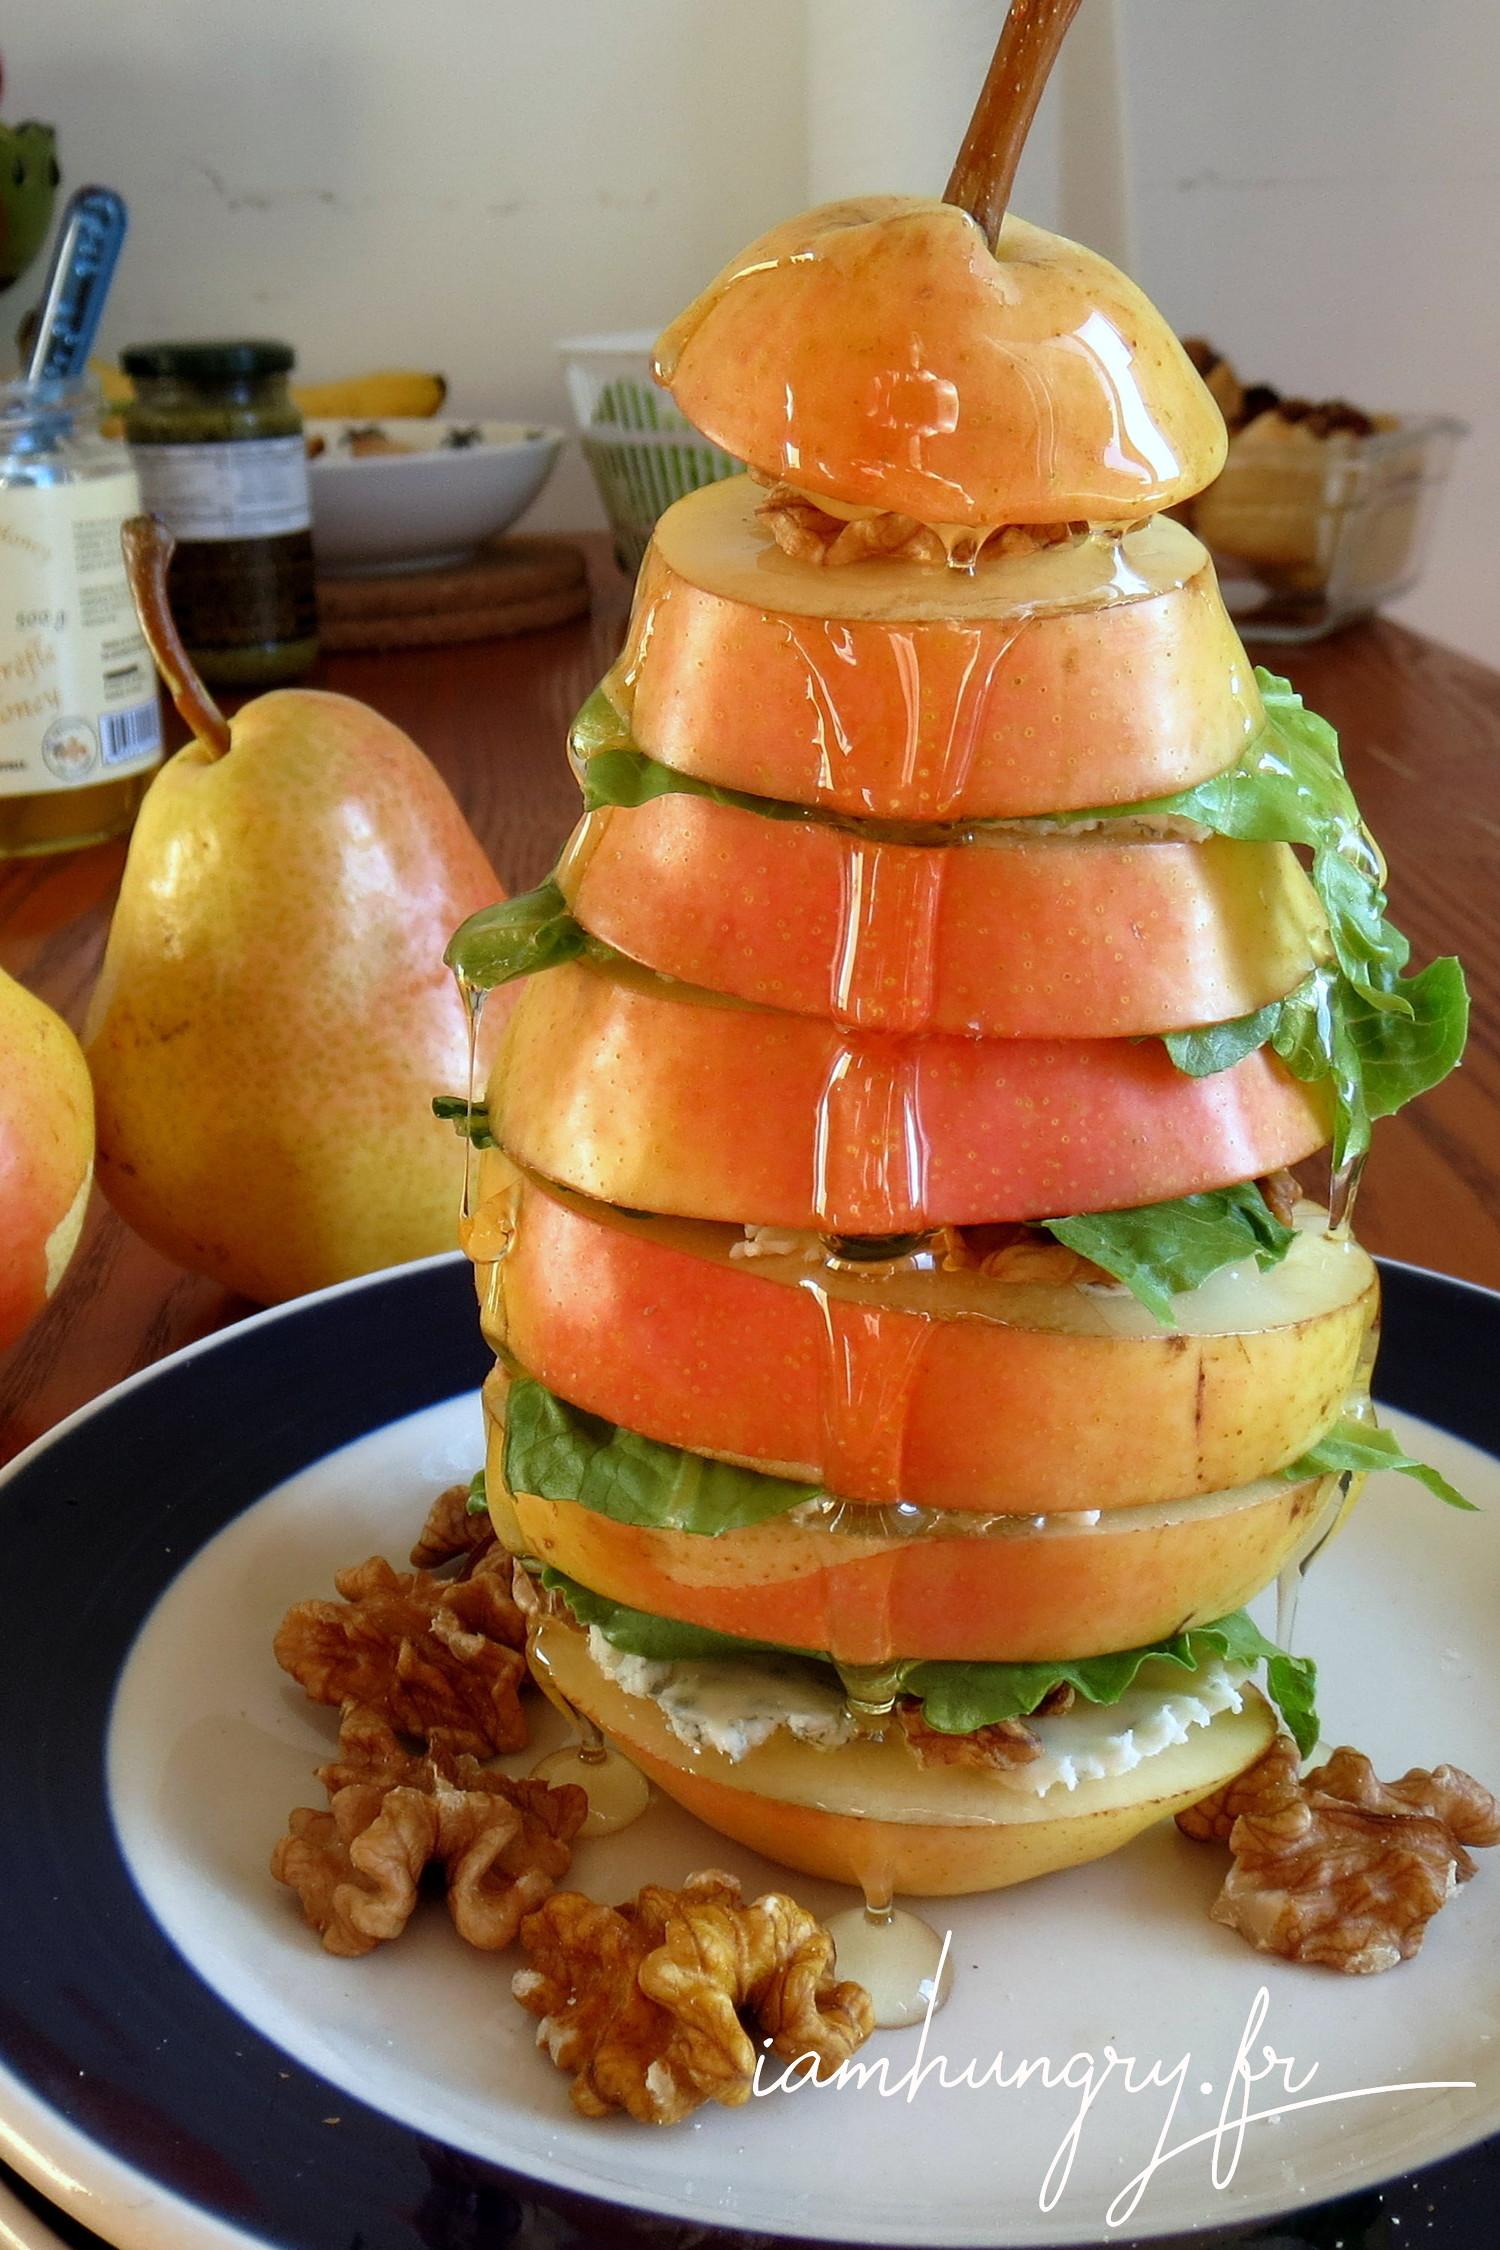 Mille-feuille de poire roquefort noix et miel